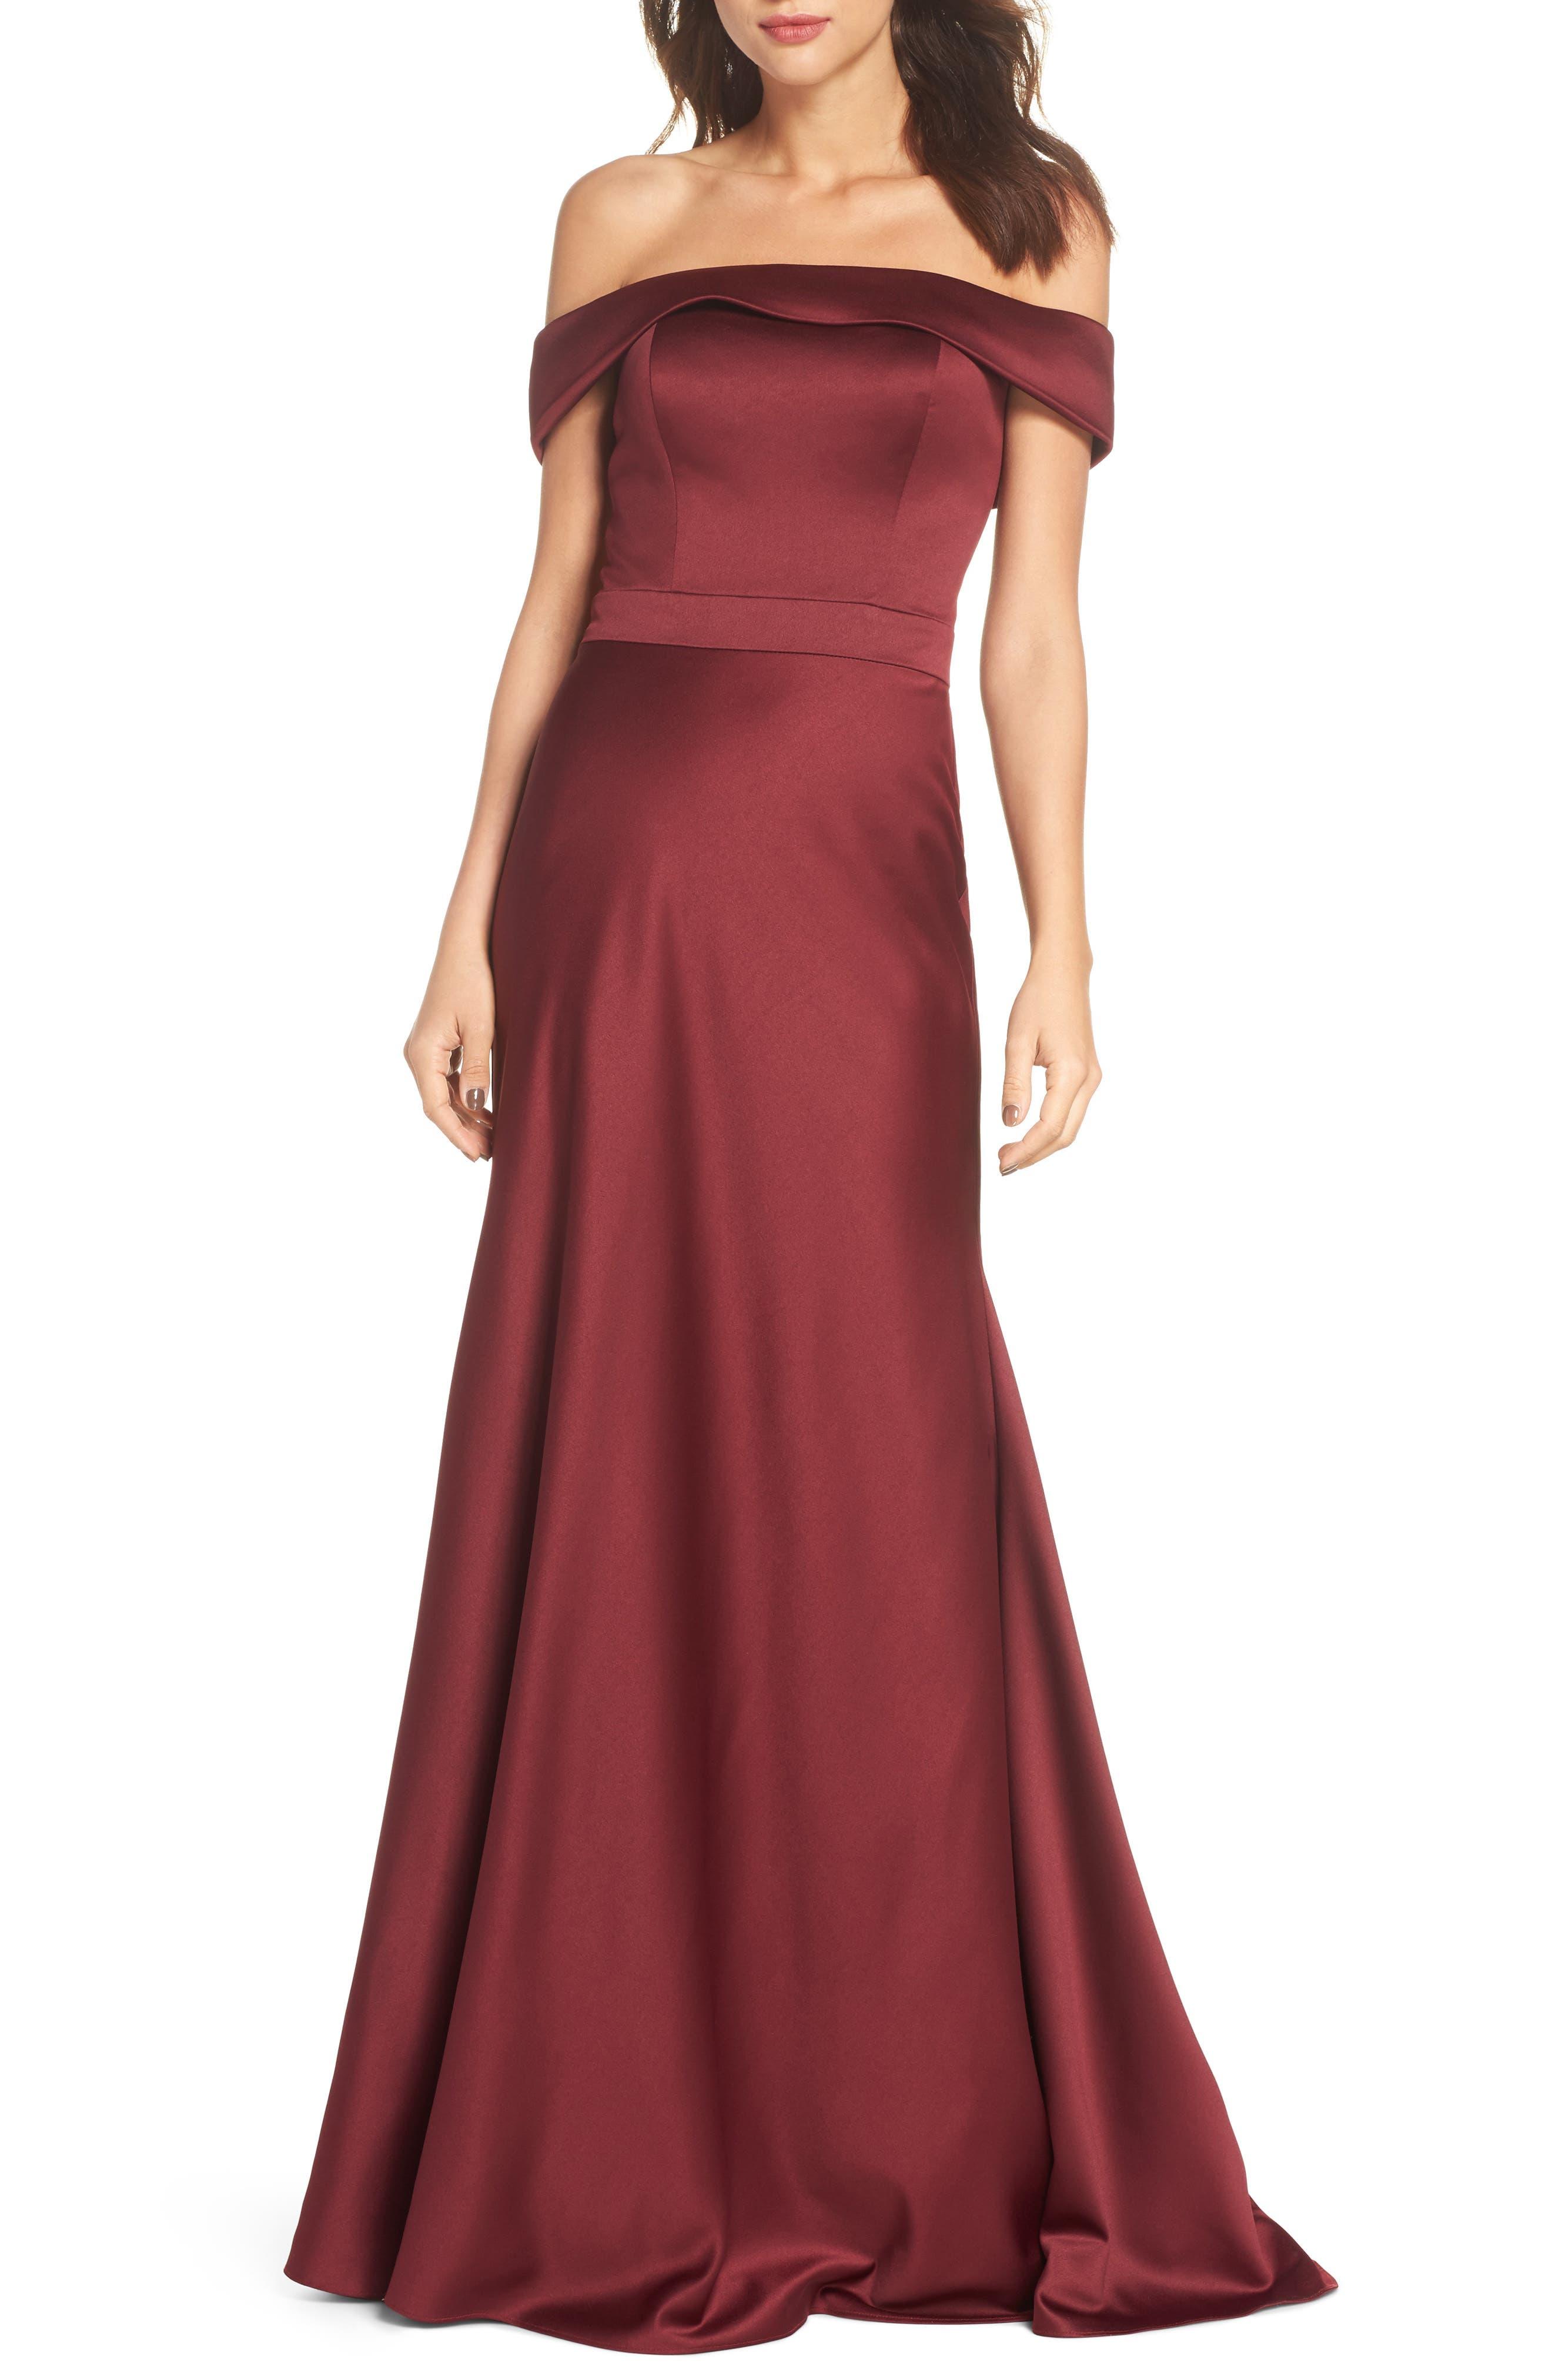 Alternate Image 1 Selected - La Femme Satin Off the Shoulder Gown